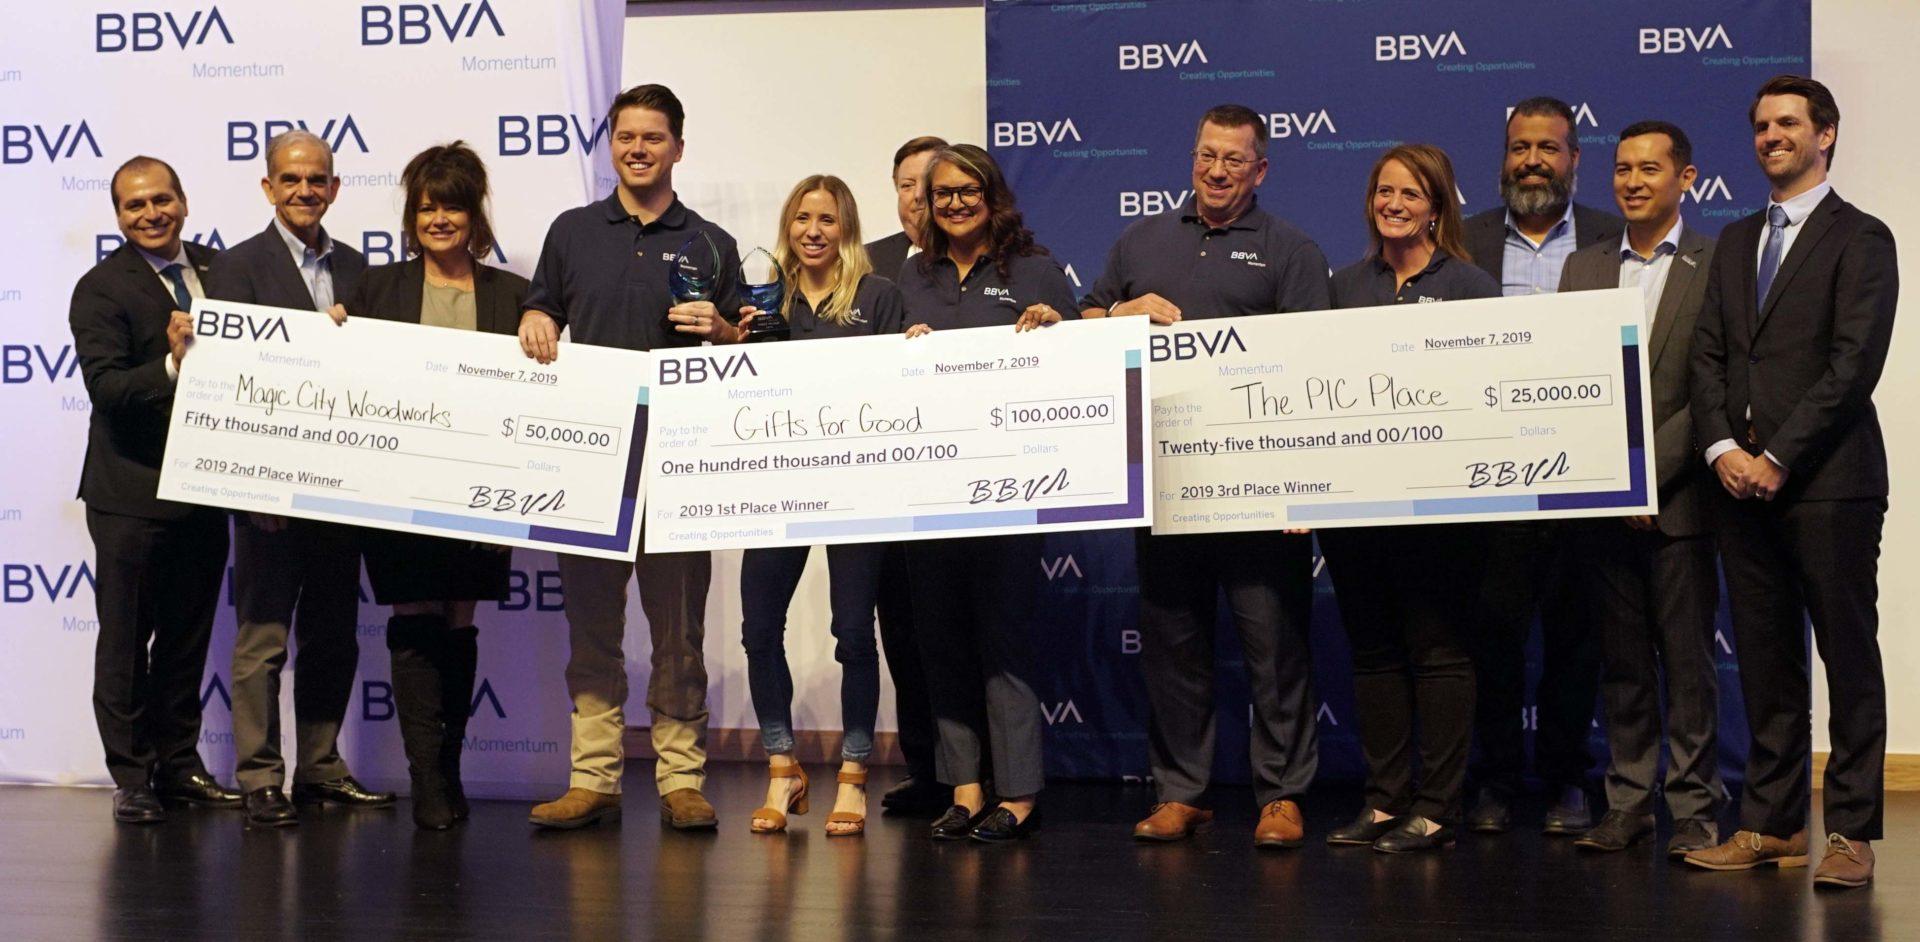 BBVA-USA-Momentum-2019-Winners